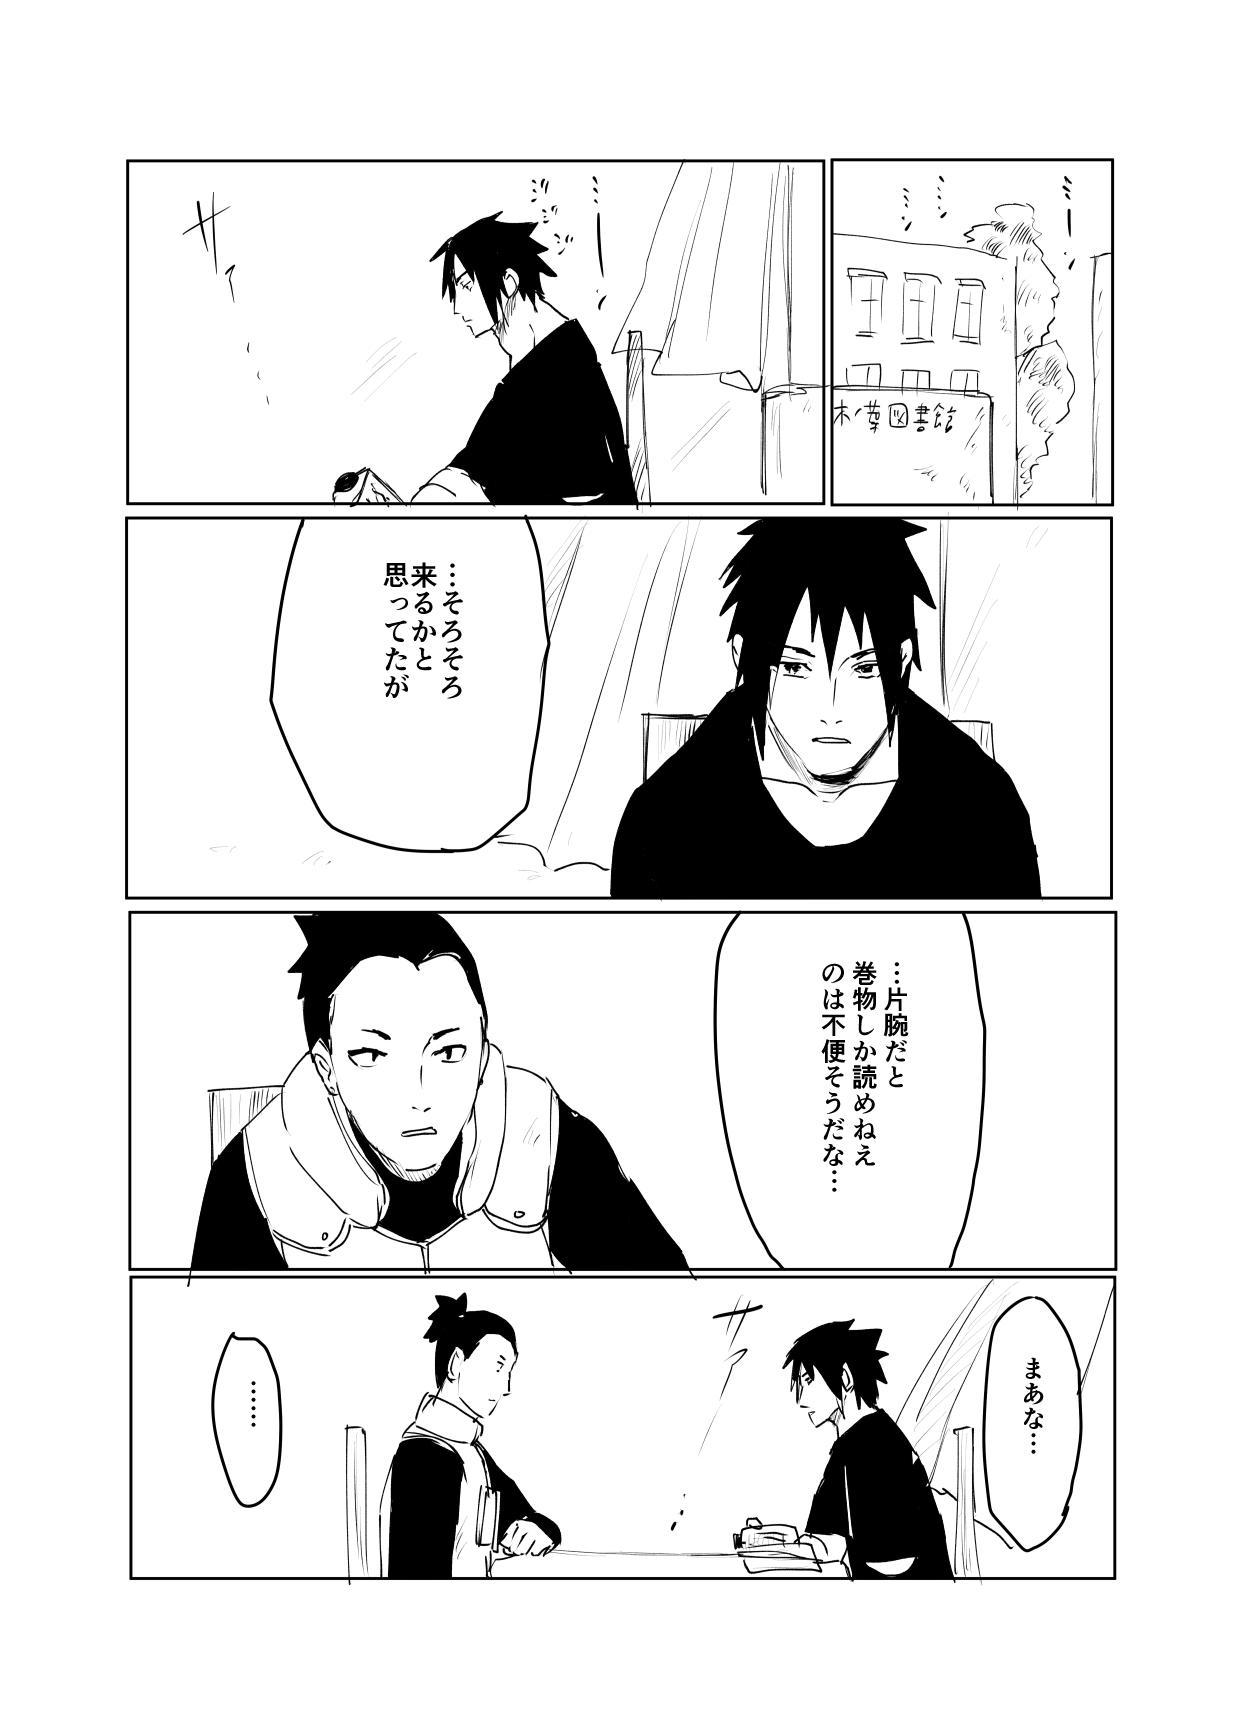 嘘告白漫画 103